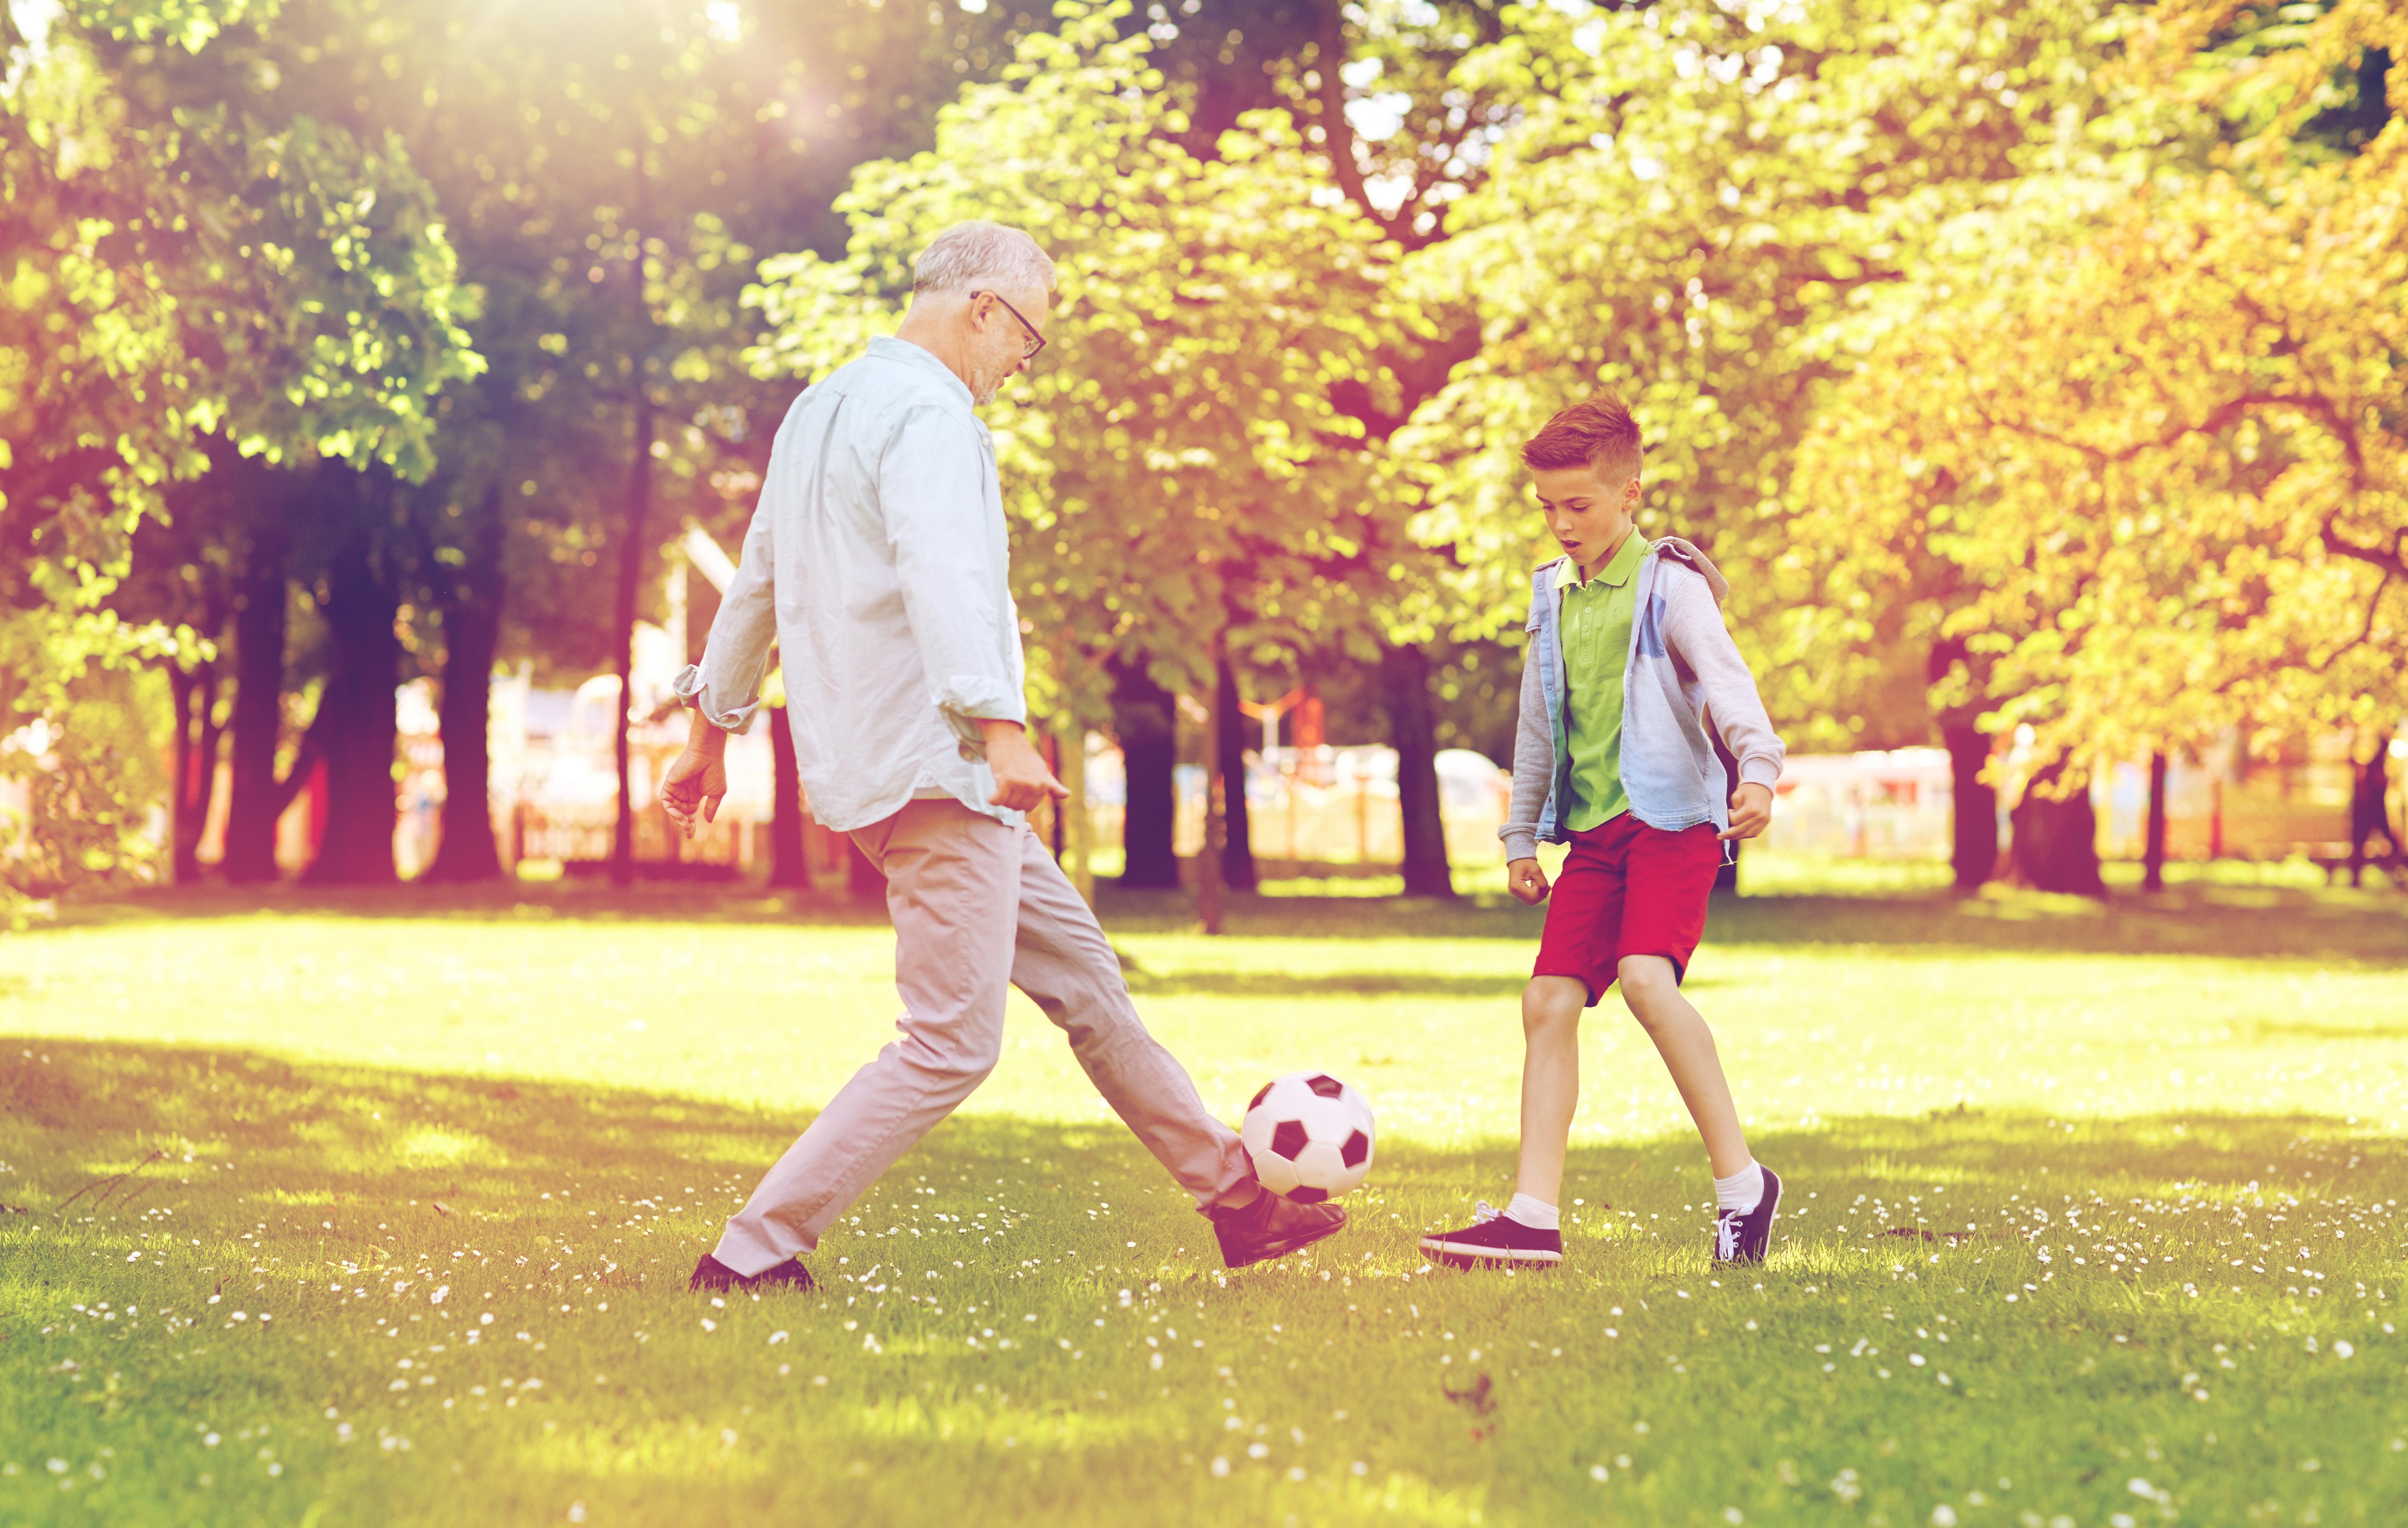 Ein älterer Mann spielt mit einem Jungen Fußball